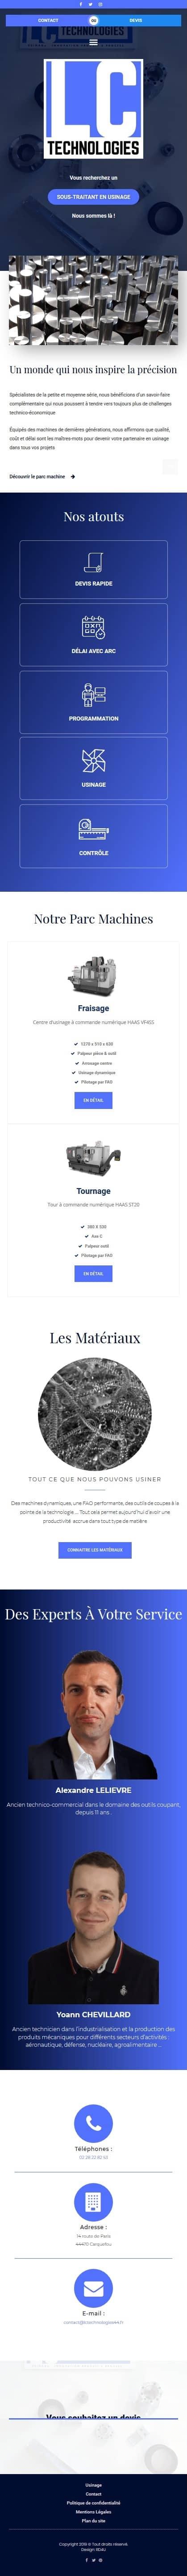 Page d'accueil complète du site internet lctechnologies44.fr en version mobile